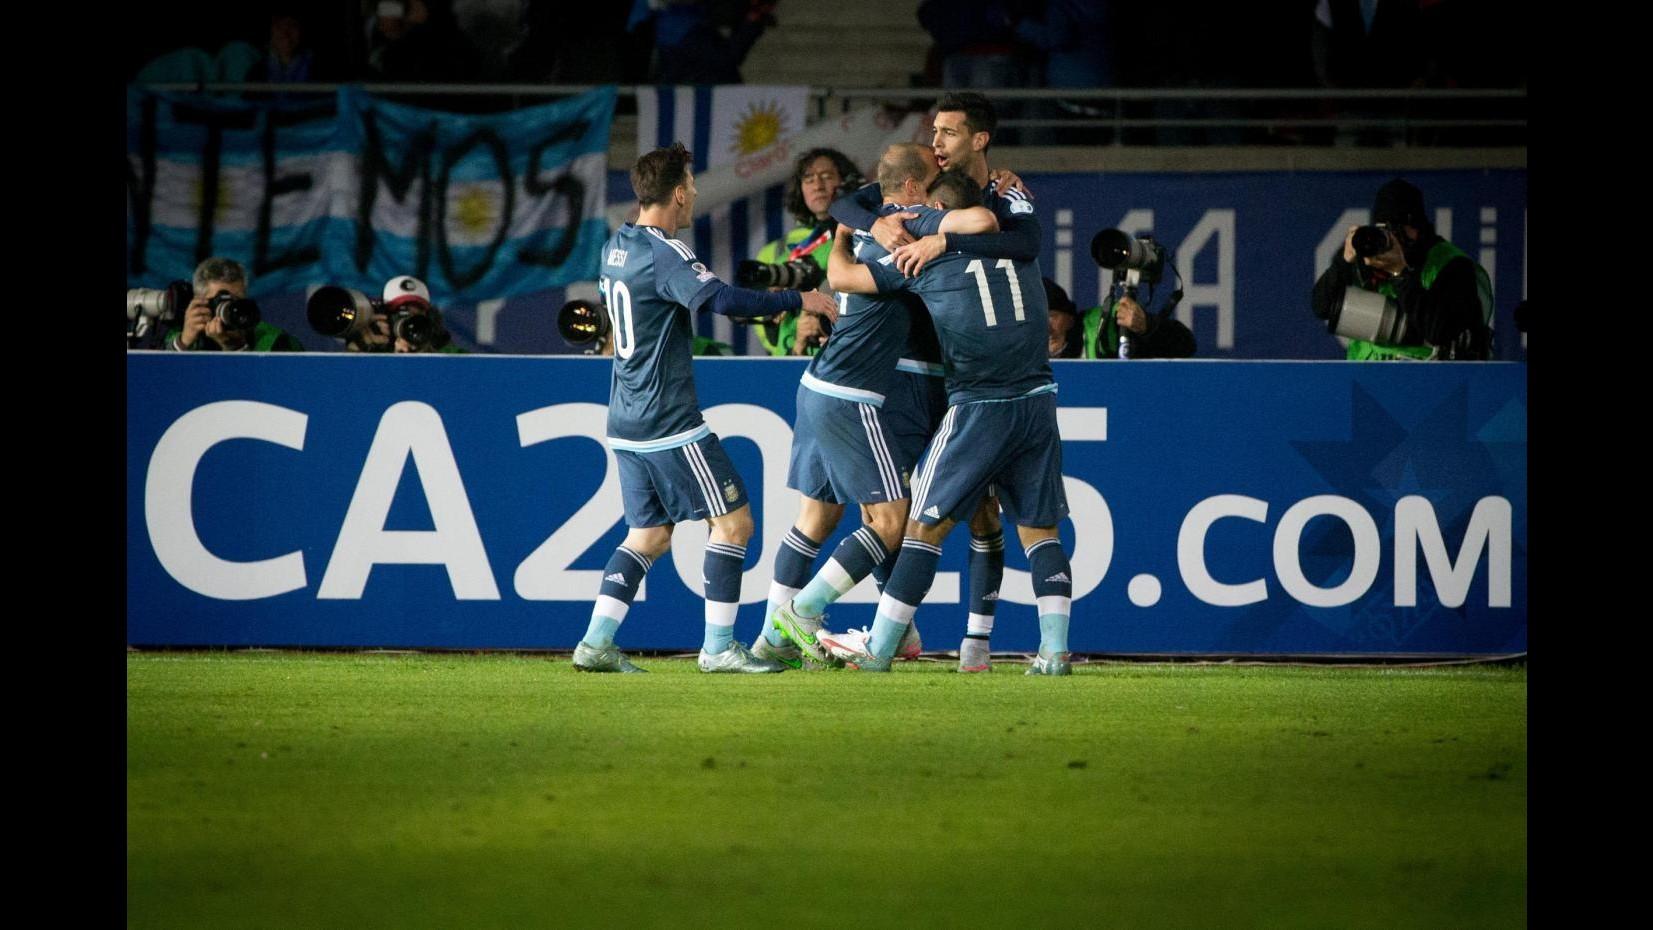 Coppa America: Argentina batte Uruguay 1-0, decisivo Aguero